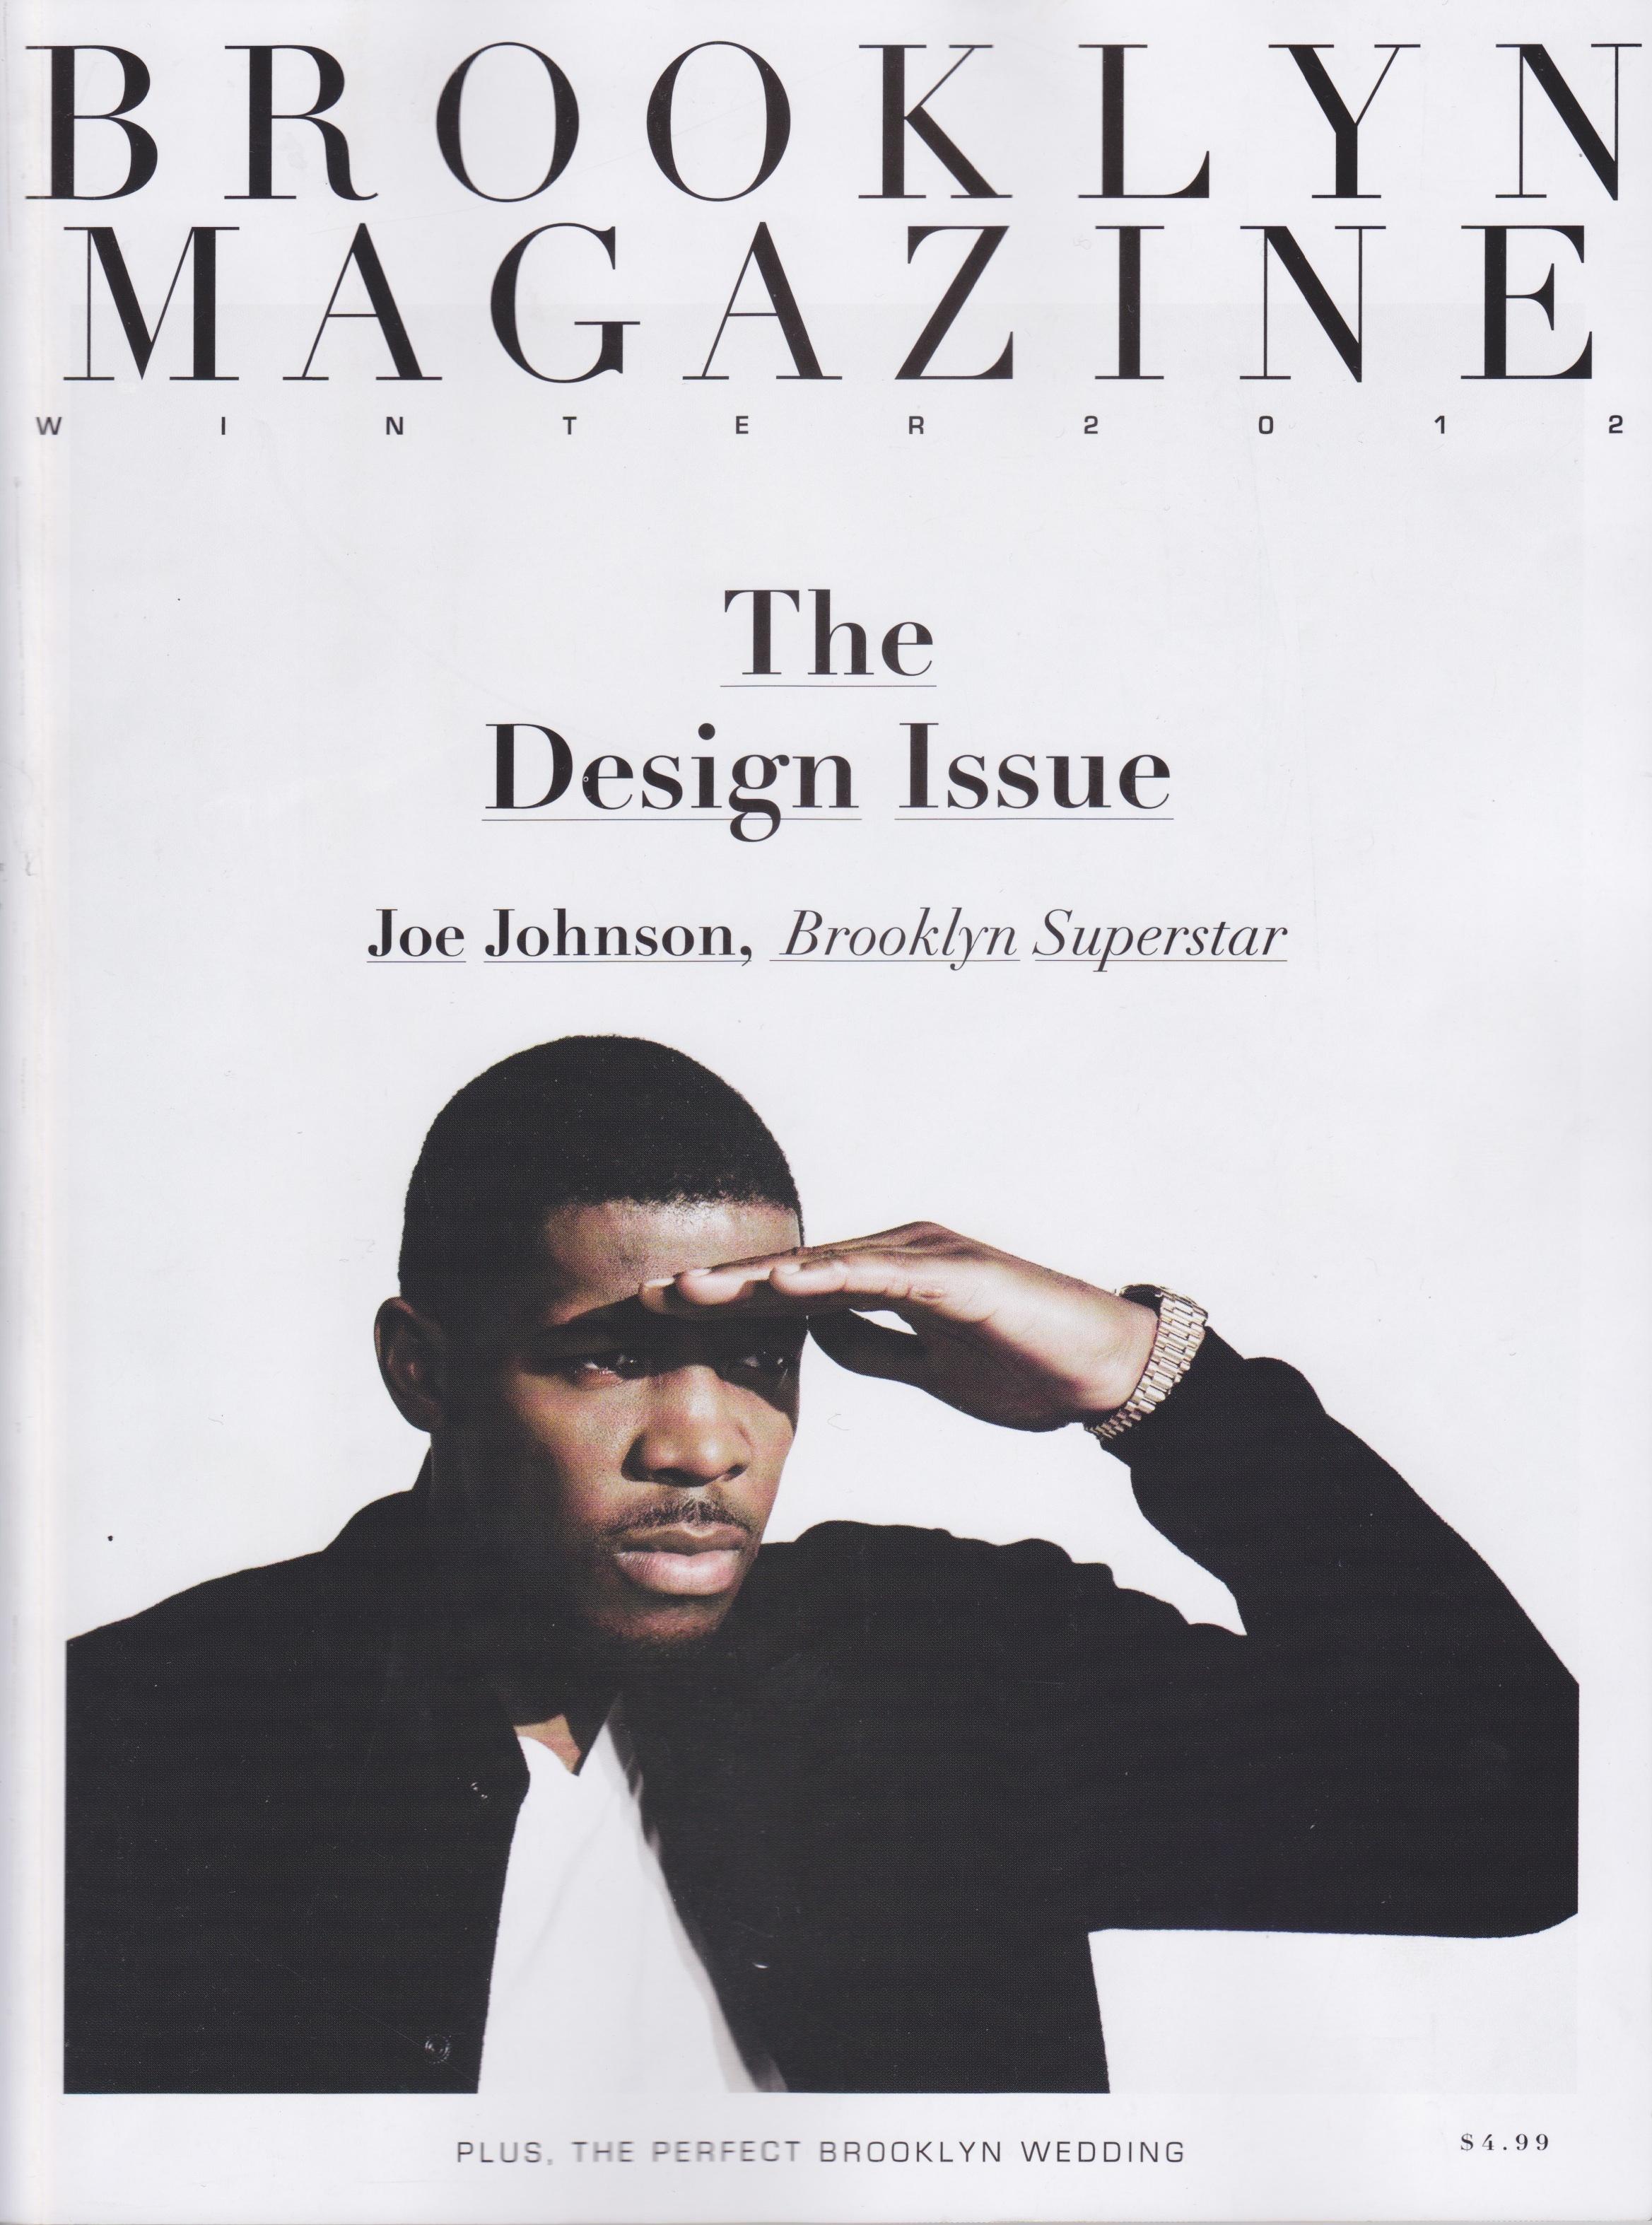 Brooklyn Magazine Cover.jpg